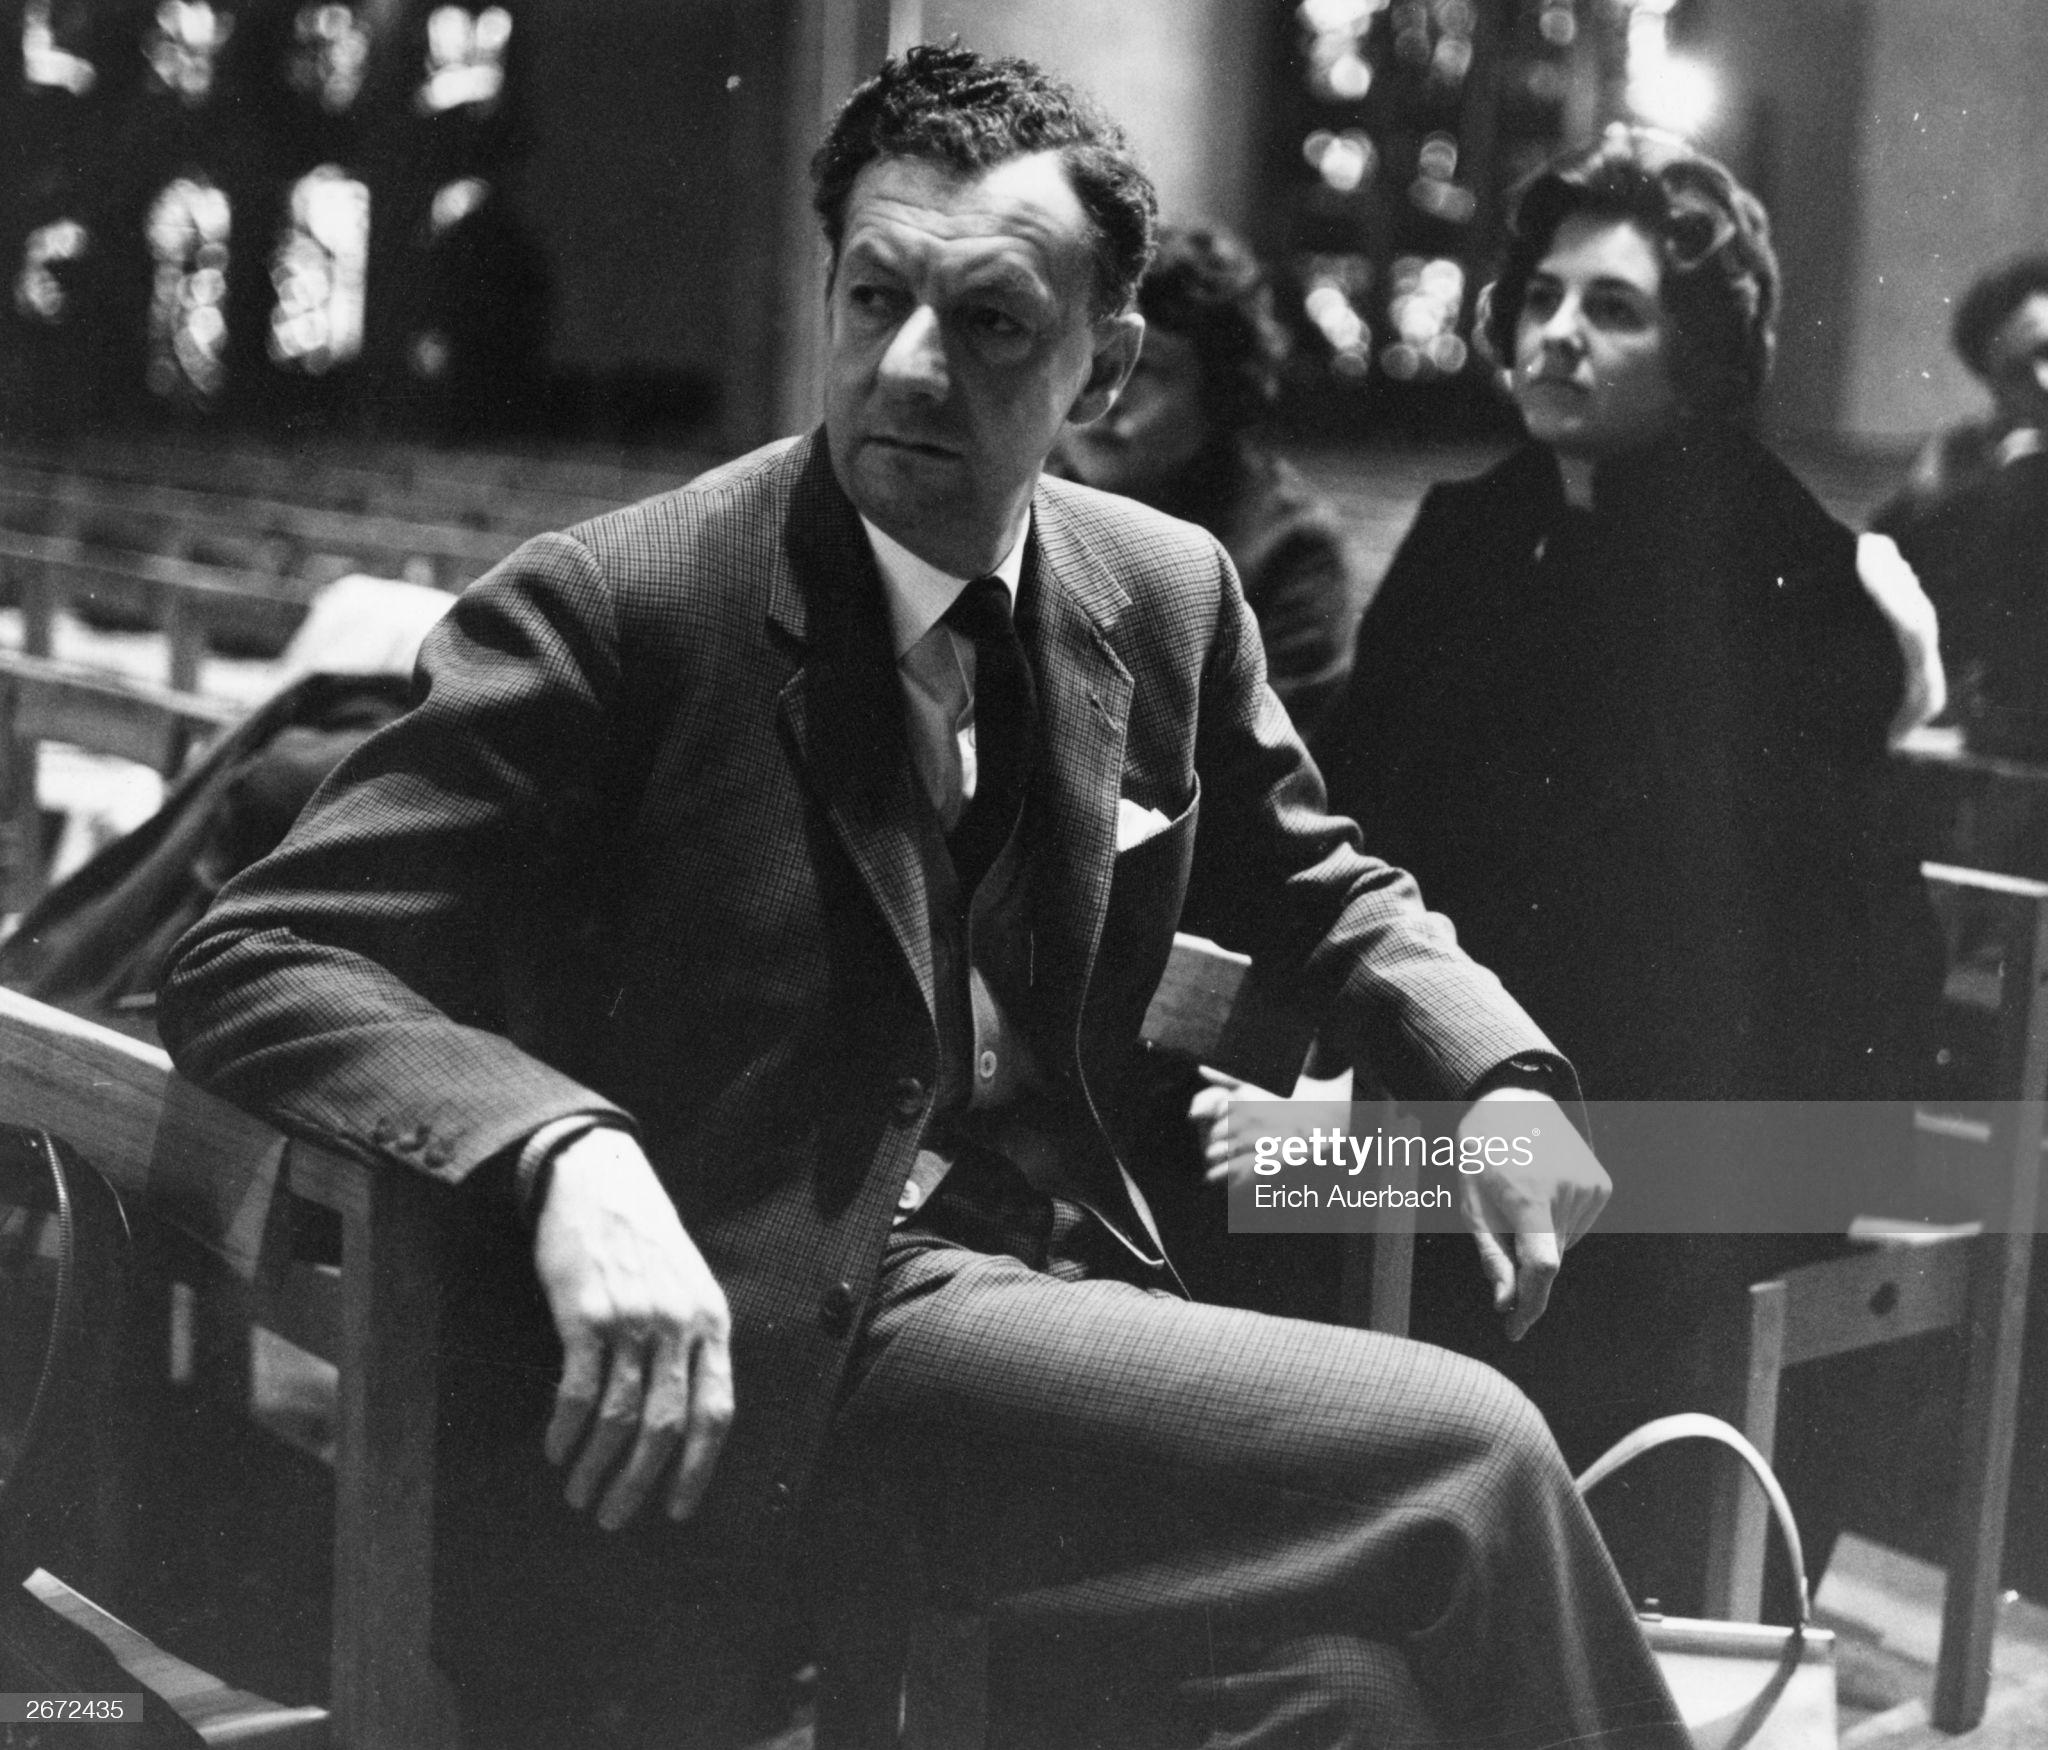 Бенджамин Бриттен и Хизер Хампер на репетиции Военного реквиема. 1962 год © © Photo by Erich Auerbach/Hulton Archive/Getty Images